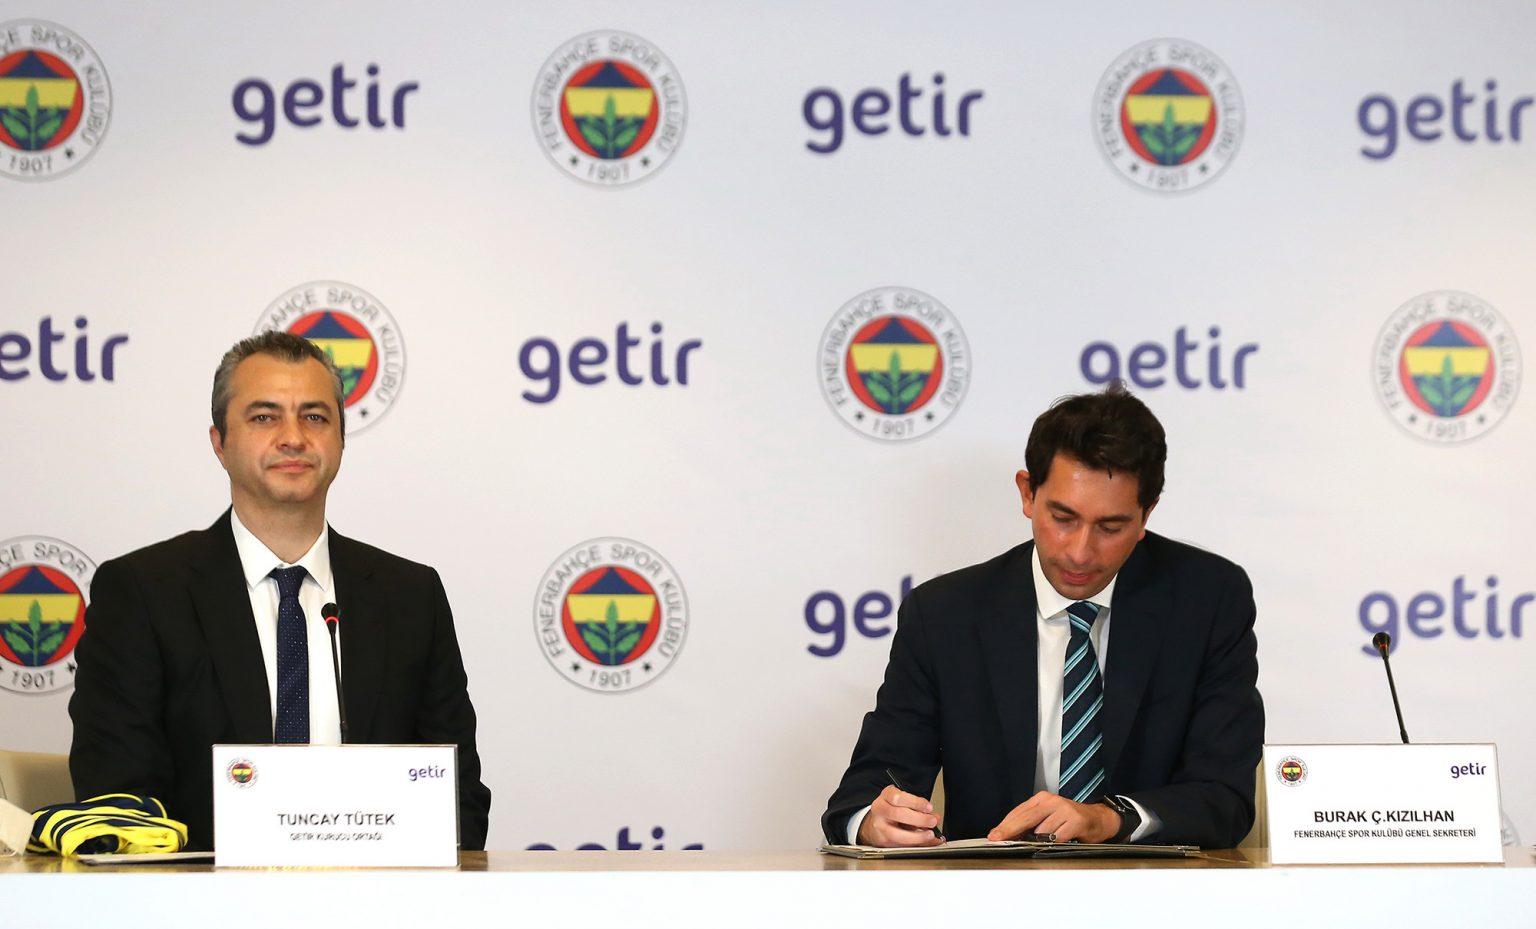 Fenerbahçe'nin Yeni Sponsoru GETİR